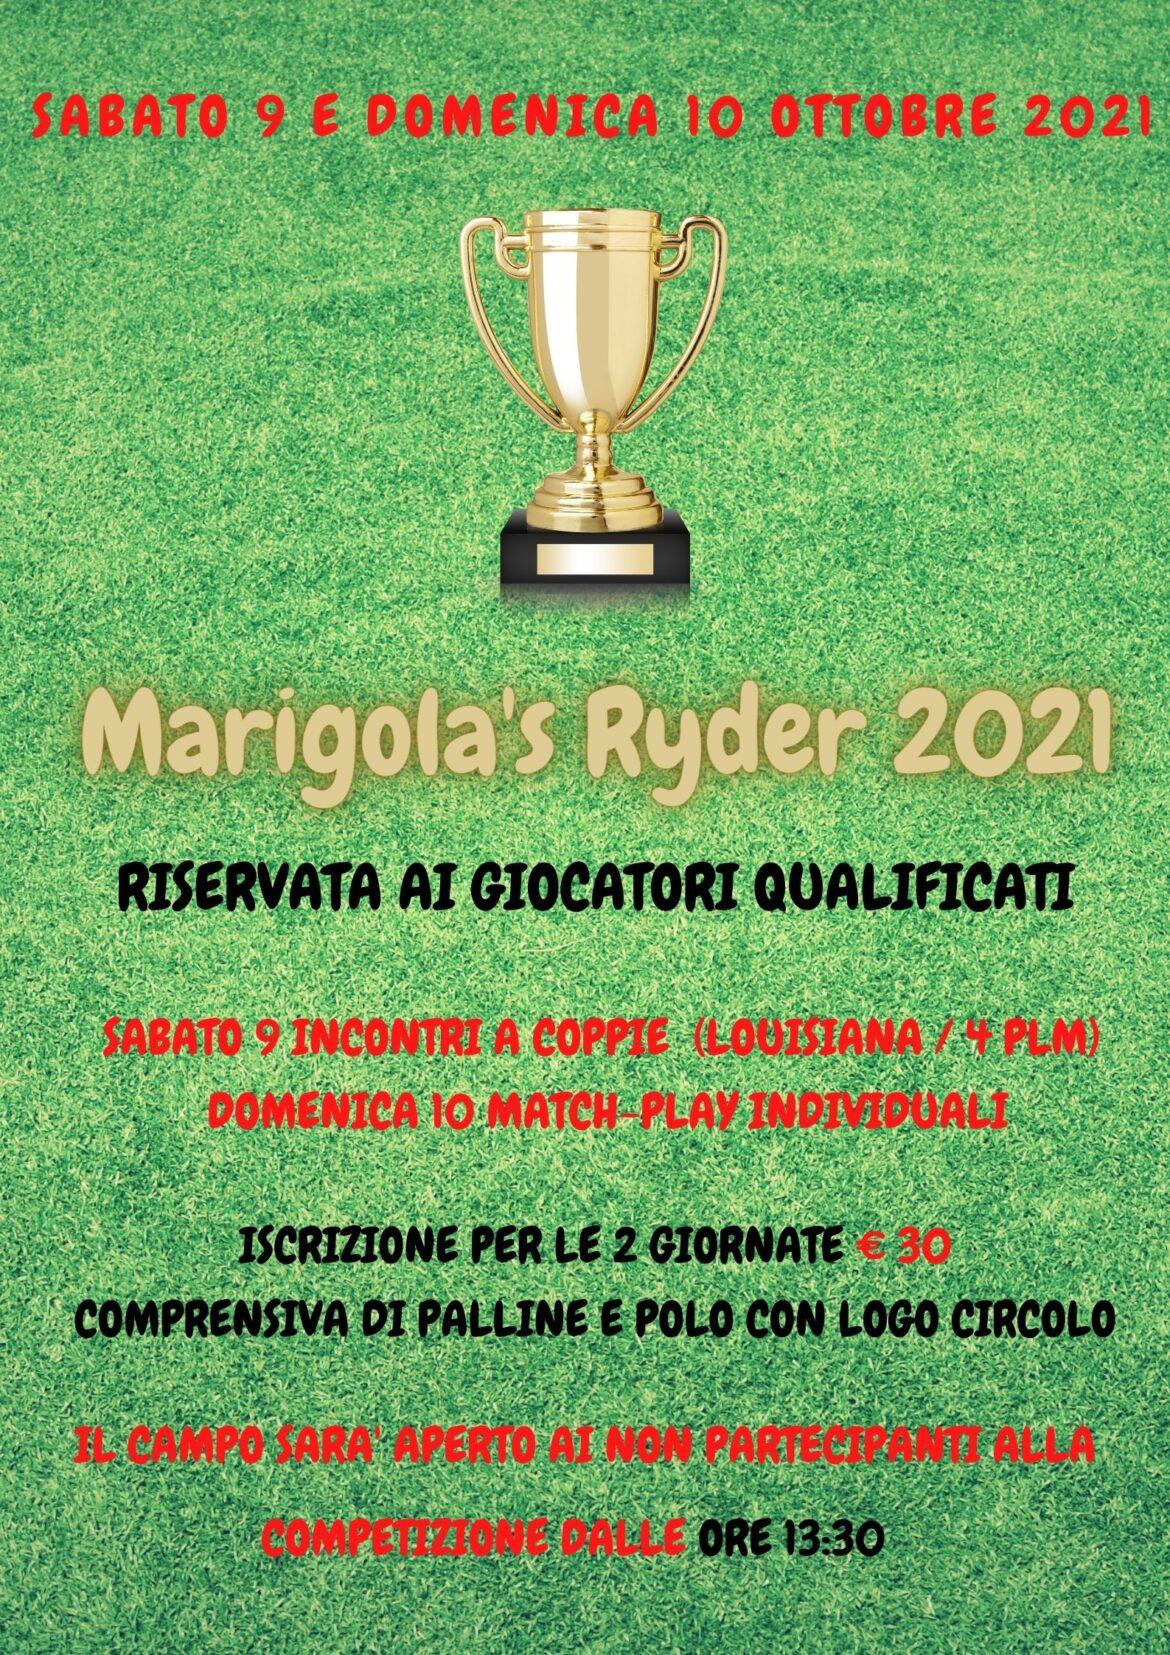 MARIGOLA'S RYDER 2021- sabato 9 e domenica 10 ottobre